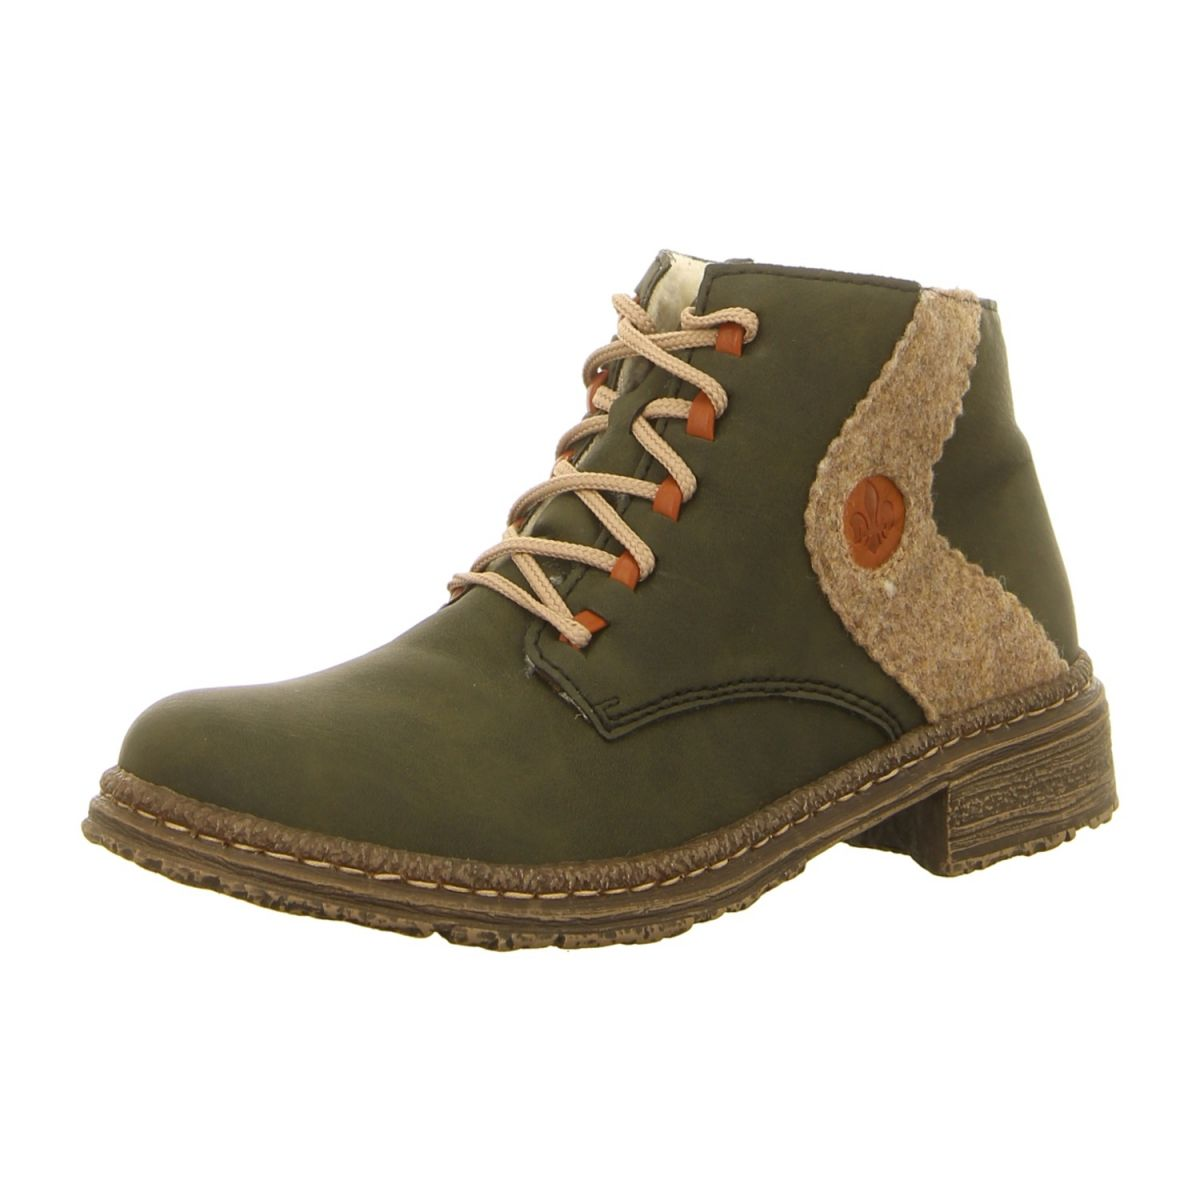 NEU  Rieker Stiefeletten 54233-54 - grün kombi -   Schuhe ... f8f079325a